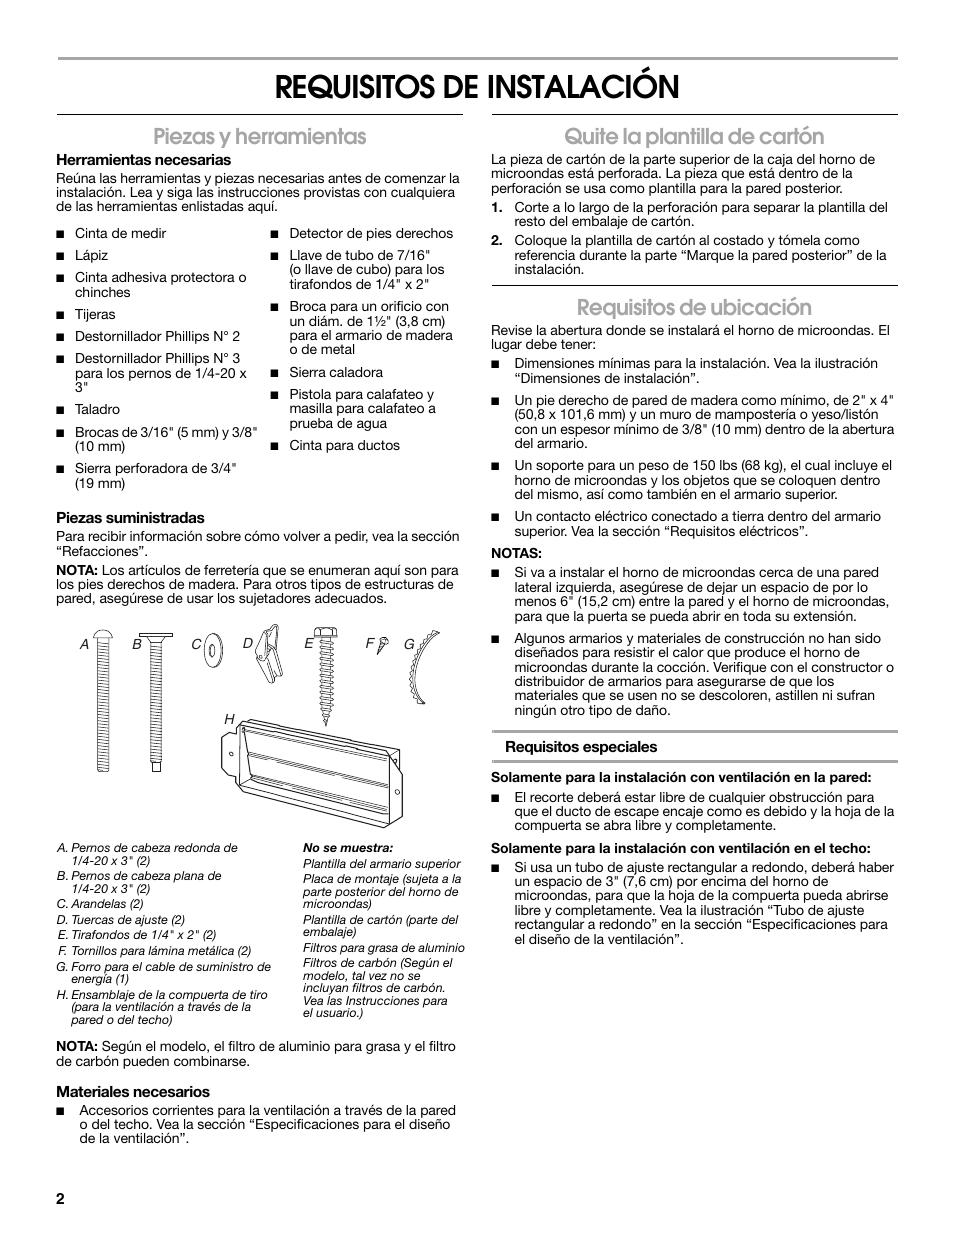 Requisitos de instalación, Piezas y herramientas, Quite la ...